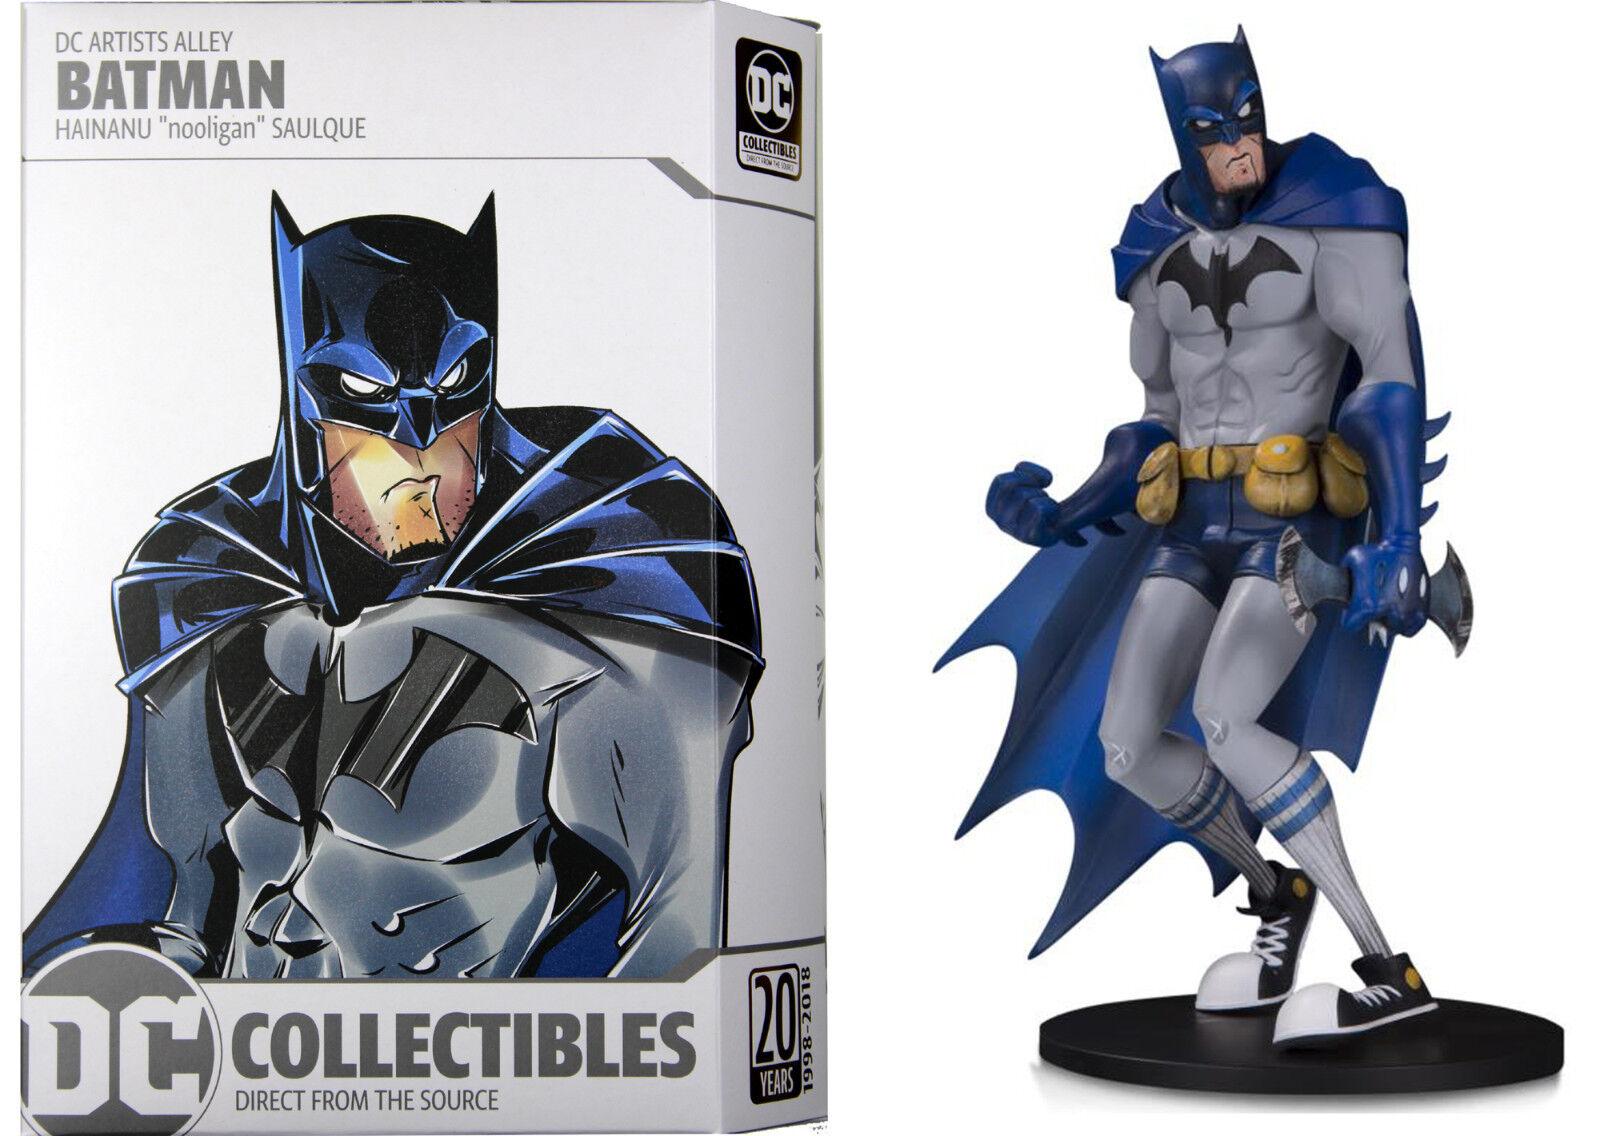 DC Comics artista callejón  Batman Estatua por HAINANU nooligan saulque  DC